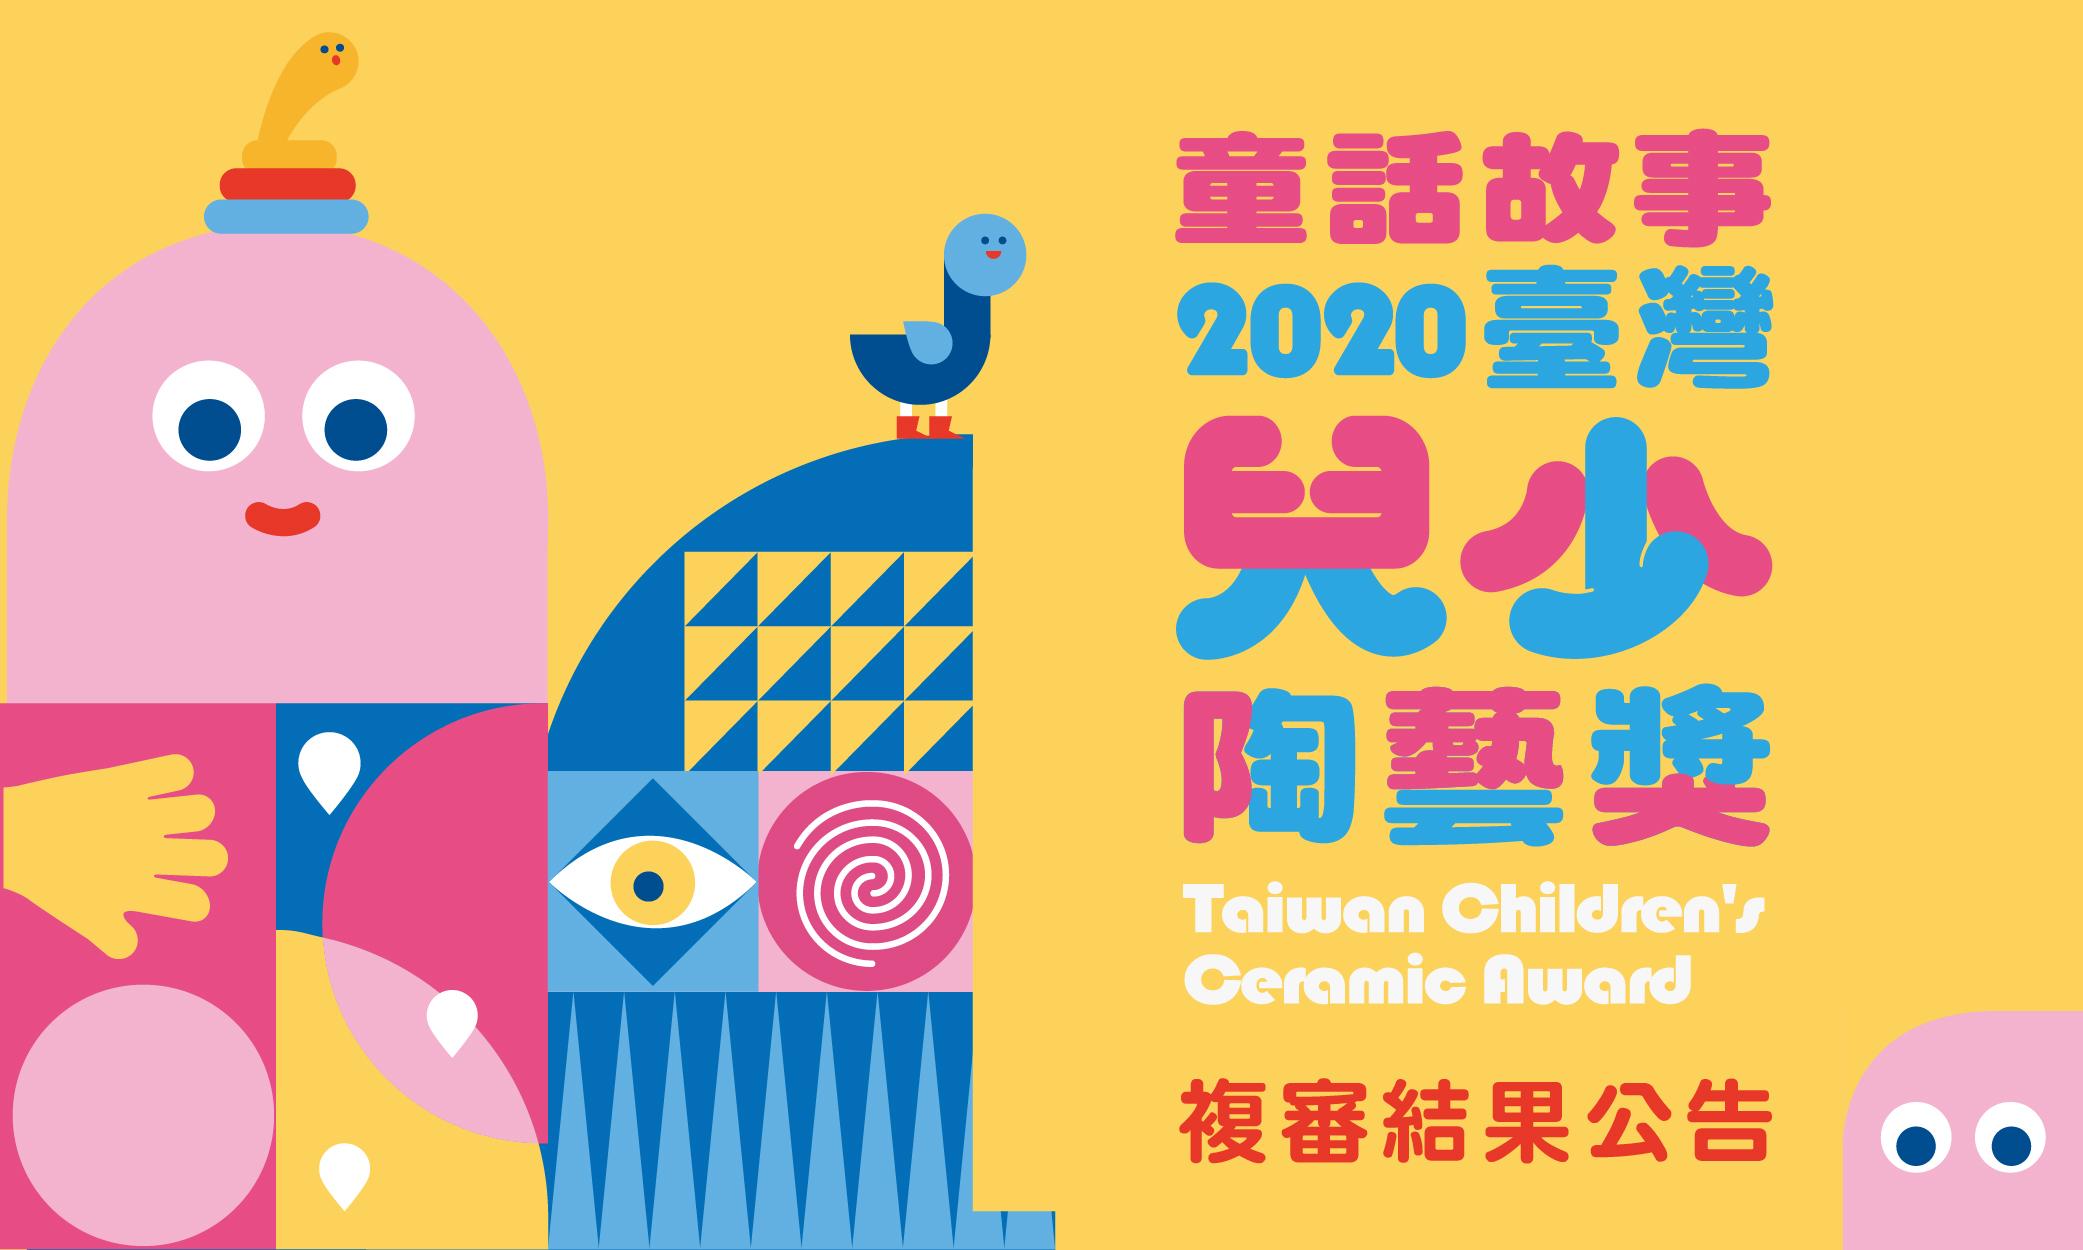 「2020臺灣兒少陶藝獎」複審結果